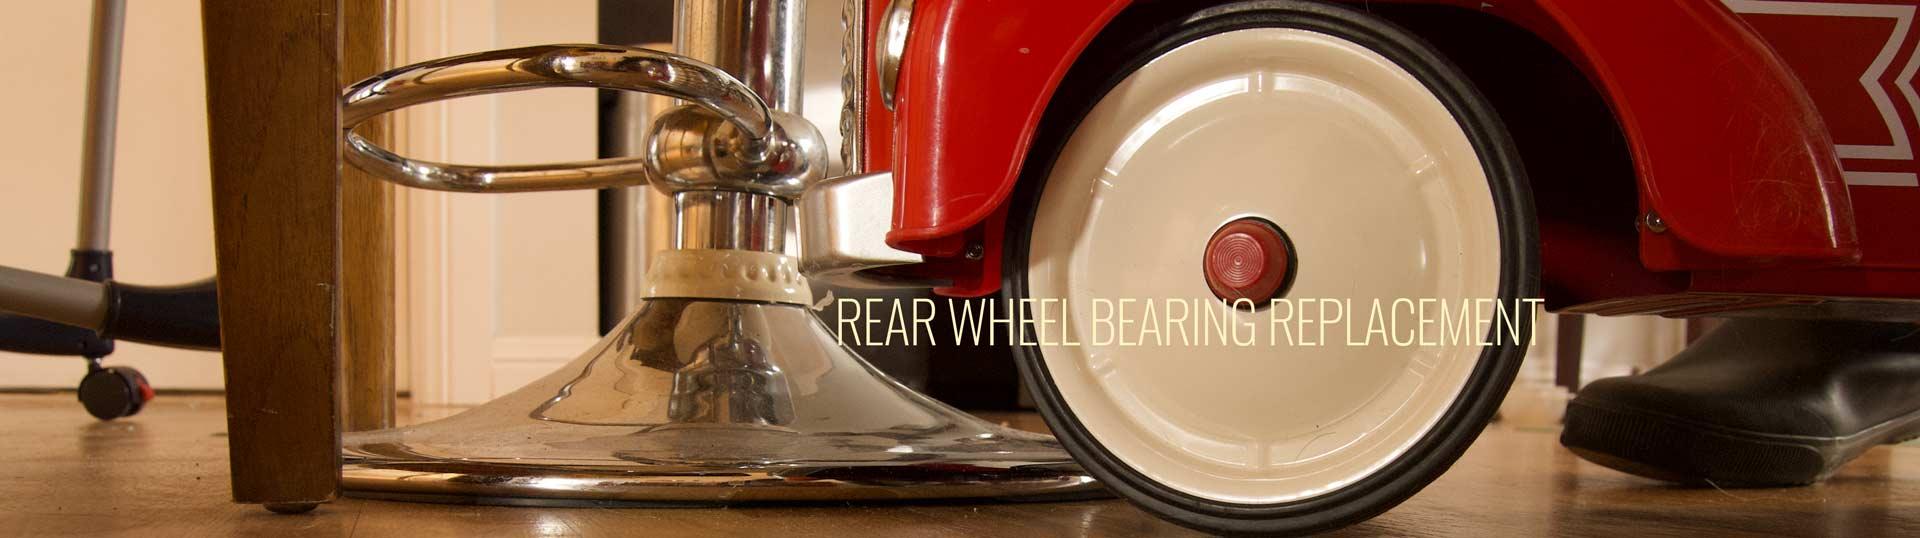 REAR-WHEEL-BEARING-REPLACEMENT